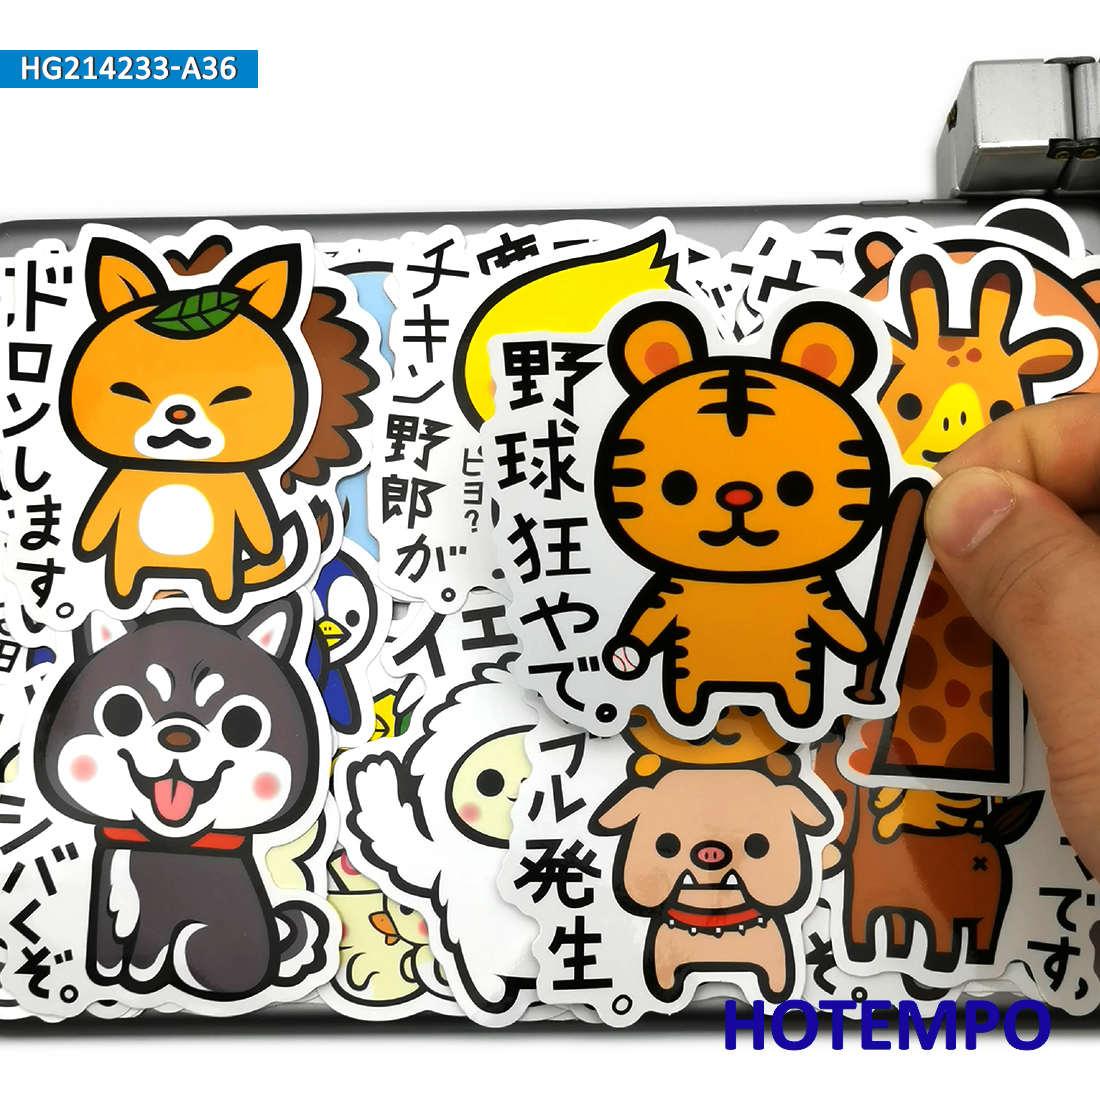 36 шт. Милые мультяшные животные Kawaii японские забавные аниме-телефоны, ноутбук, скейтборд, автомобильные наклейки для ноутбука, велосипеда, в...